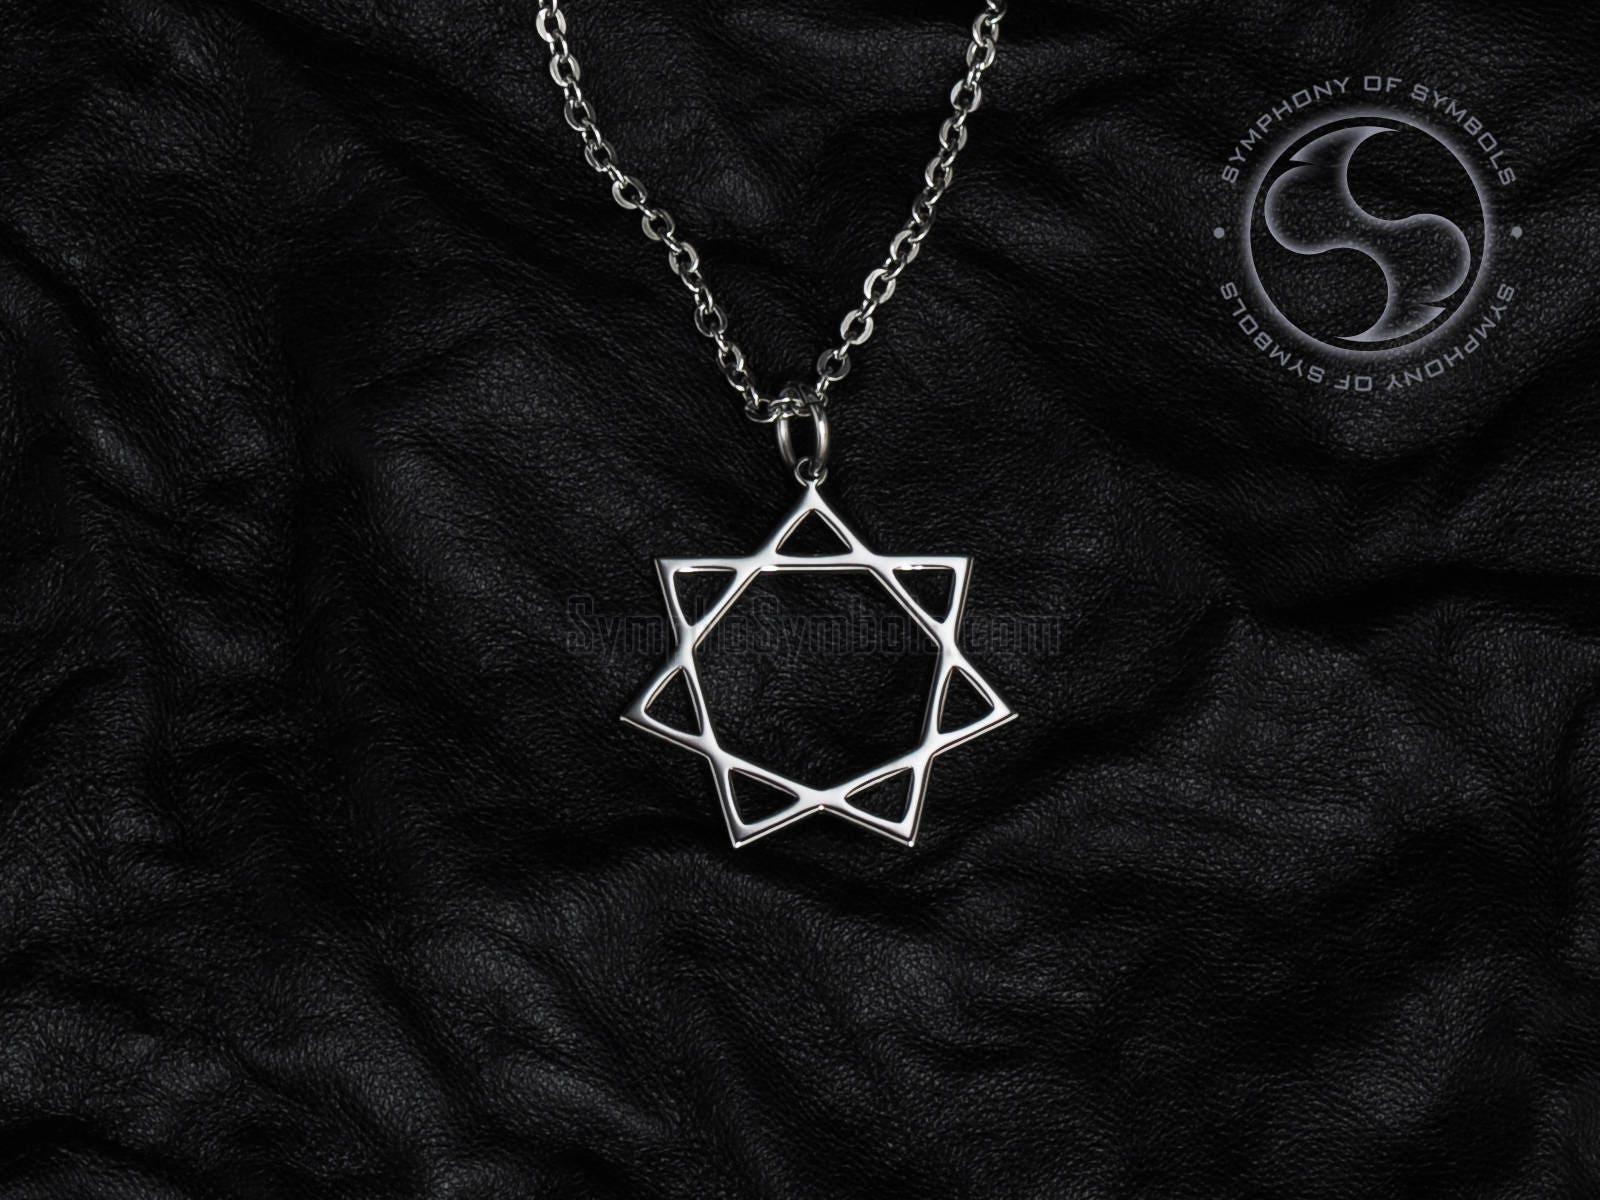 Heptagram symbol pendant septagram necklace keychain sigillum zoom aloadofball Choice Image